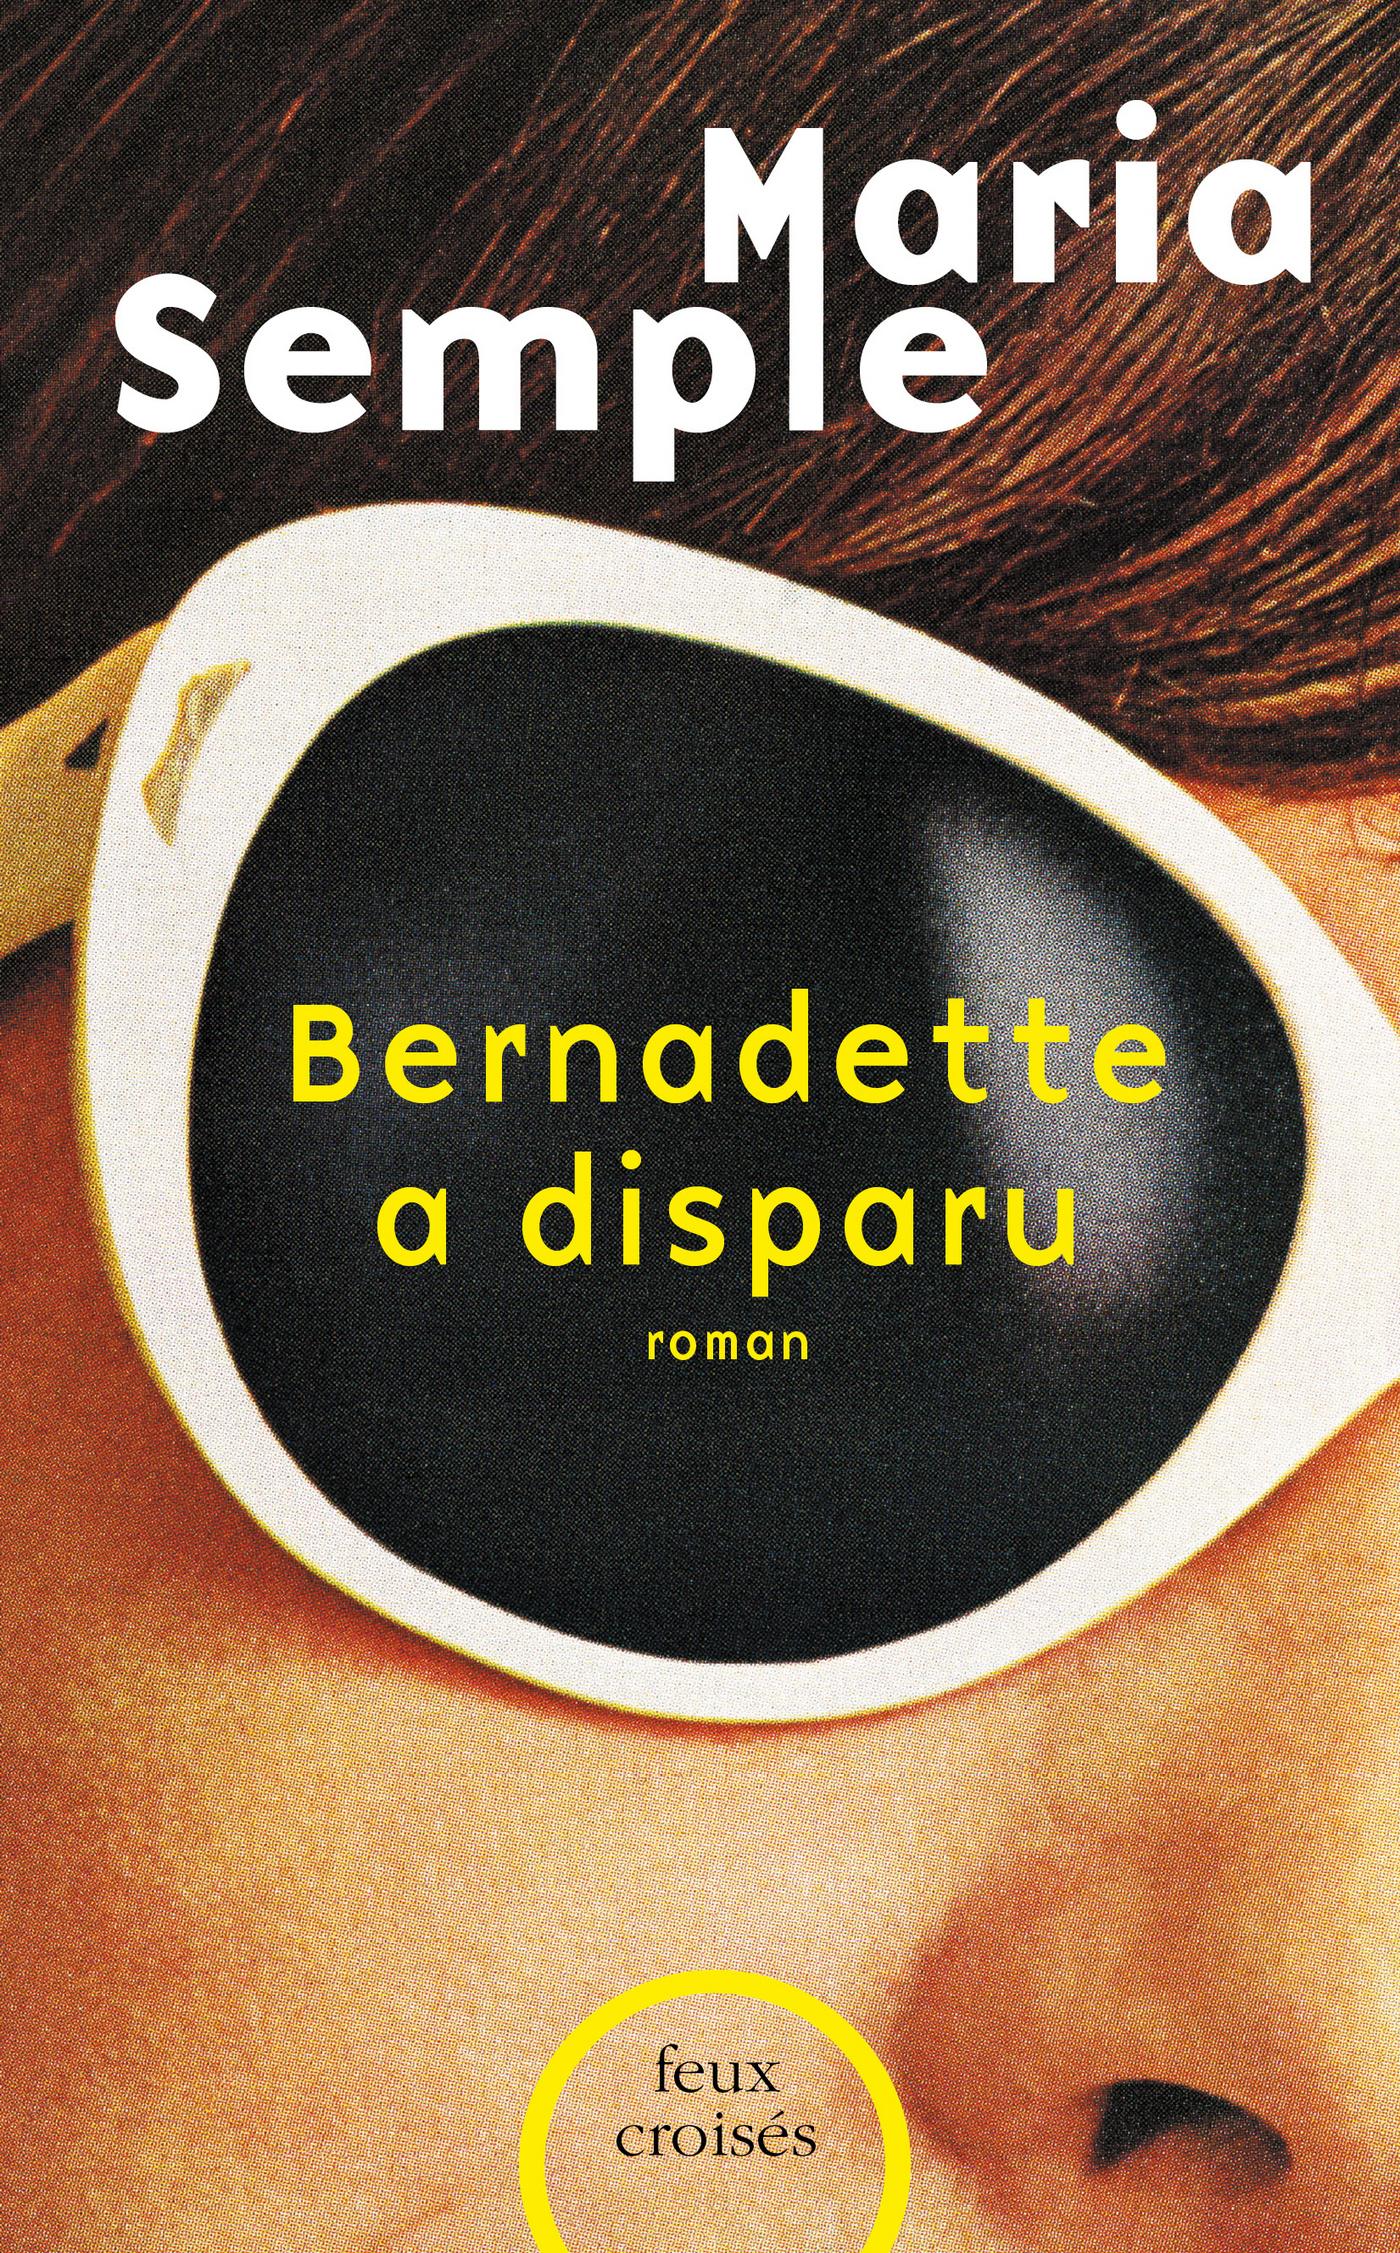 Bernadette a disparu | SEMPLE, Maria